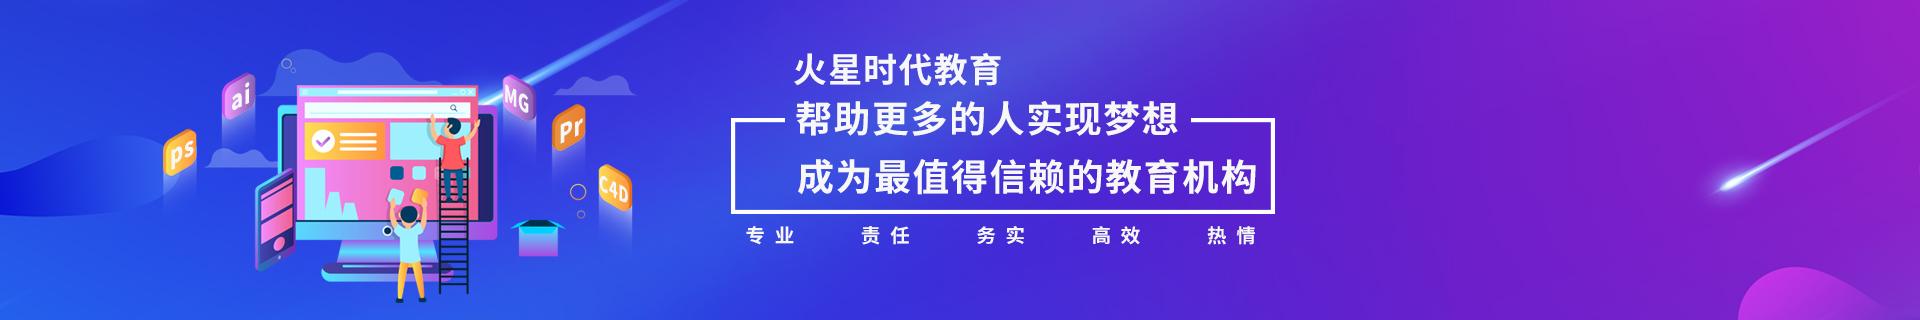 杭州钱塘新区火星时代教育